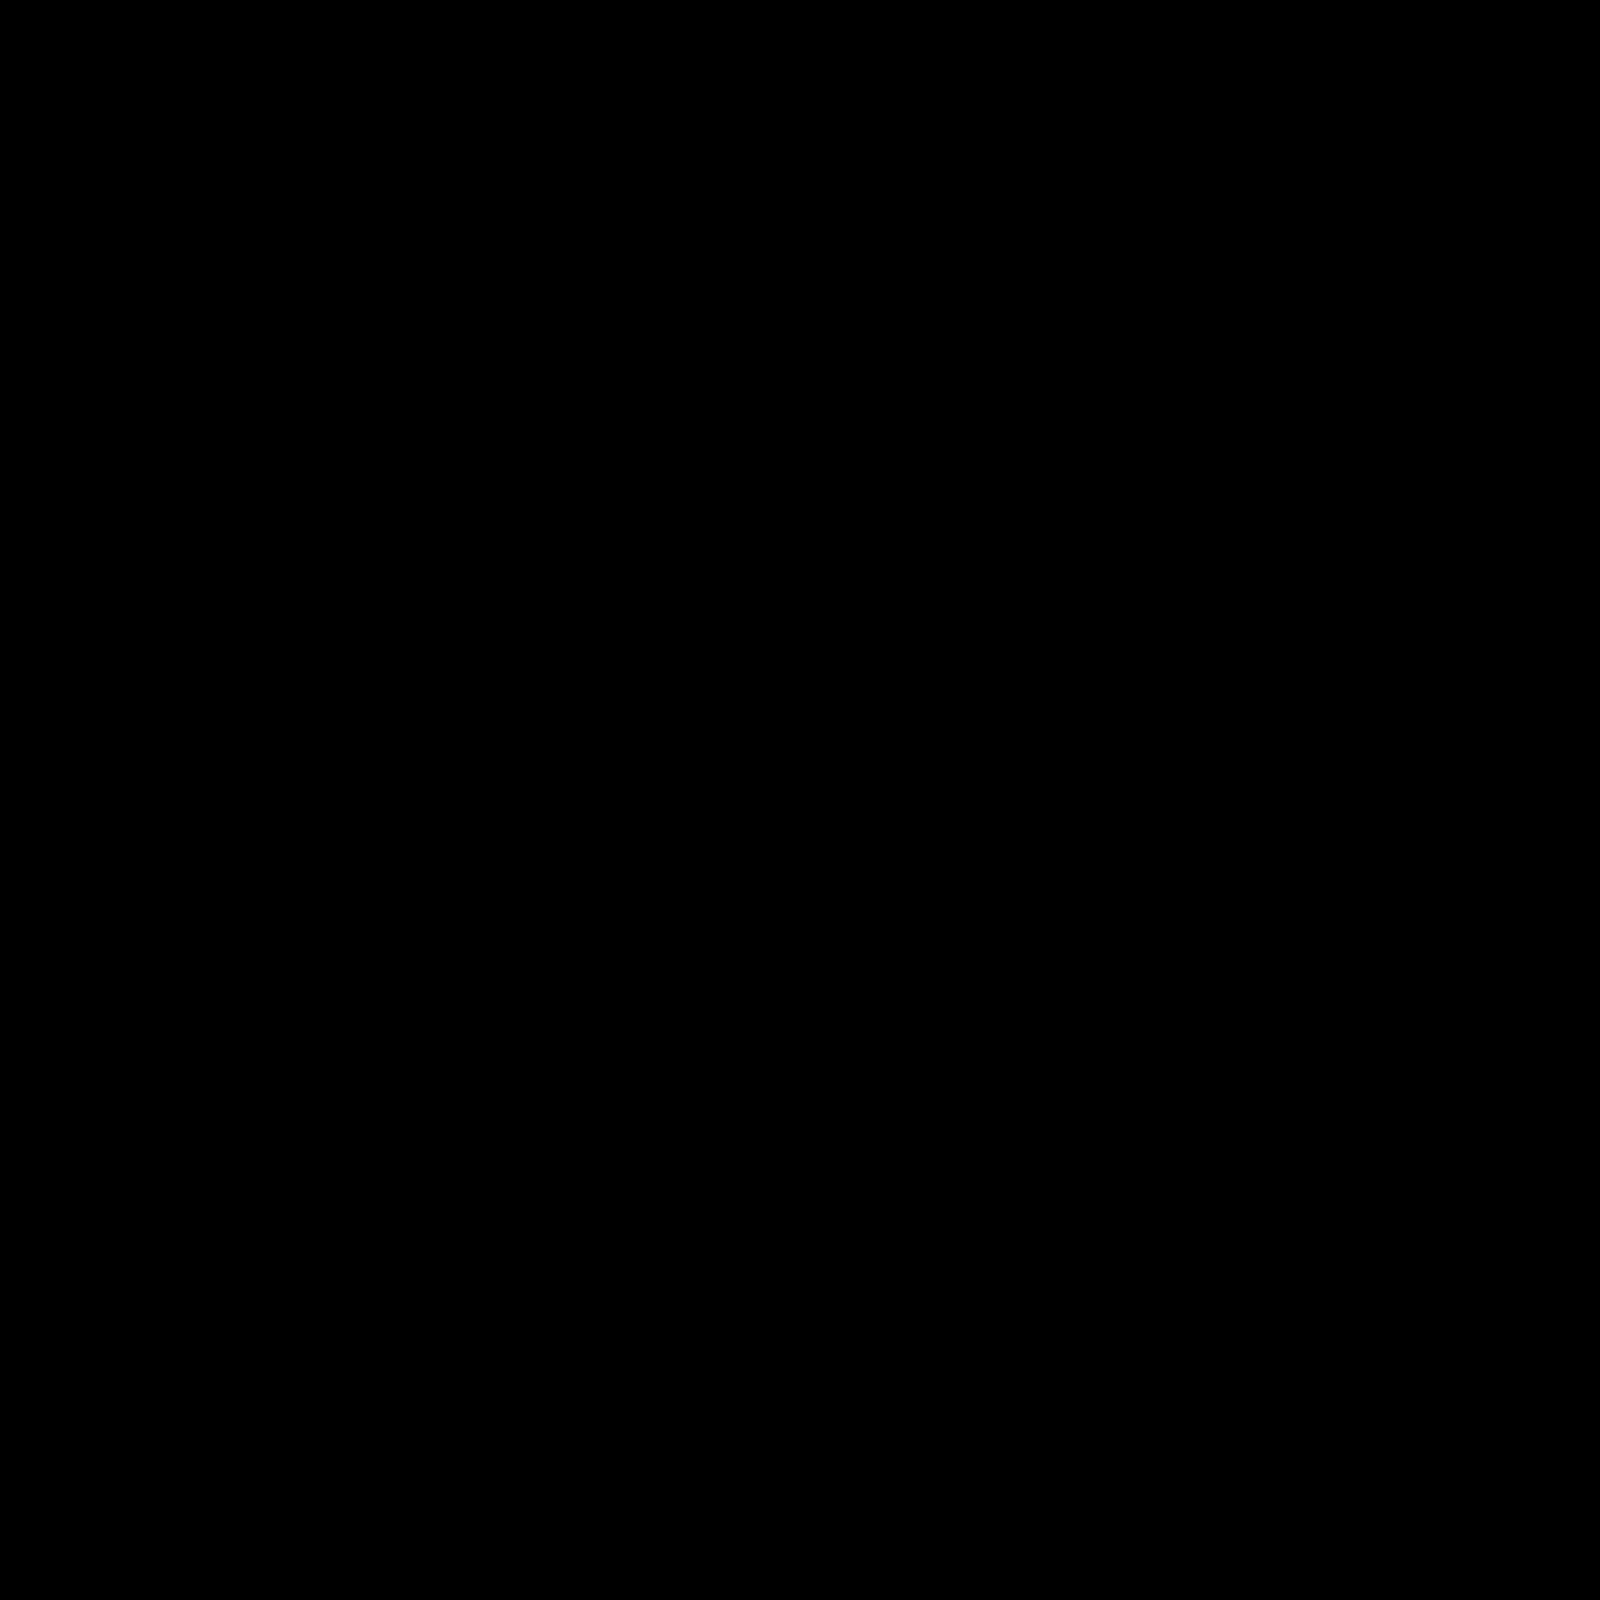 Nagłówek dokumentu icon